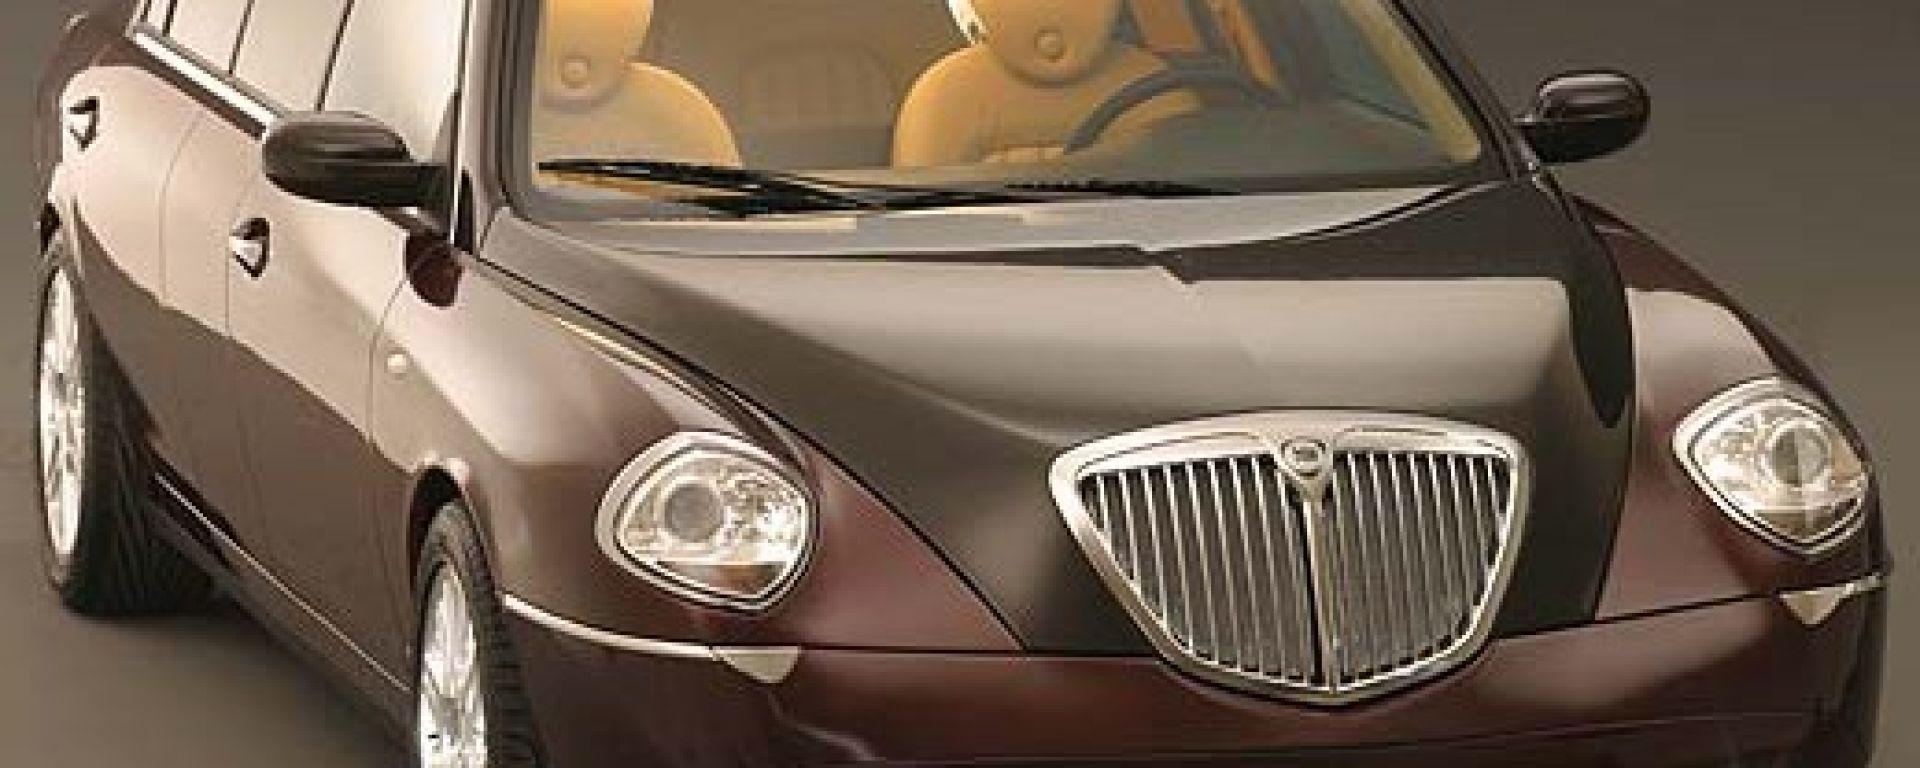 Stola S85, la Thesis Limousine di Ciampi